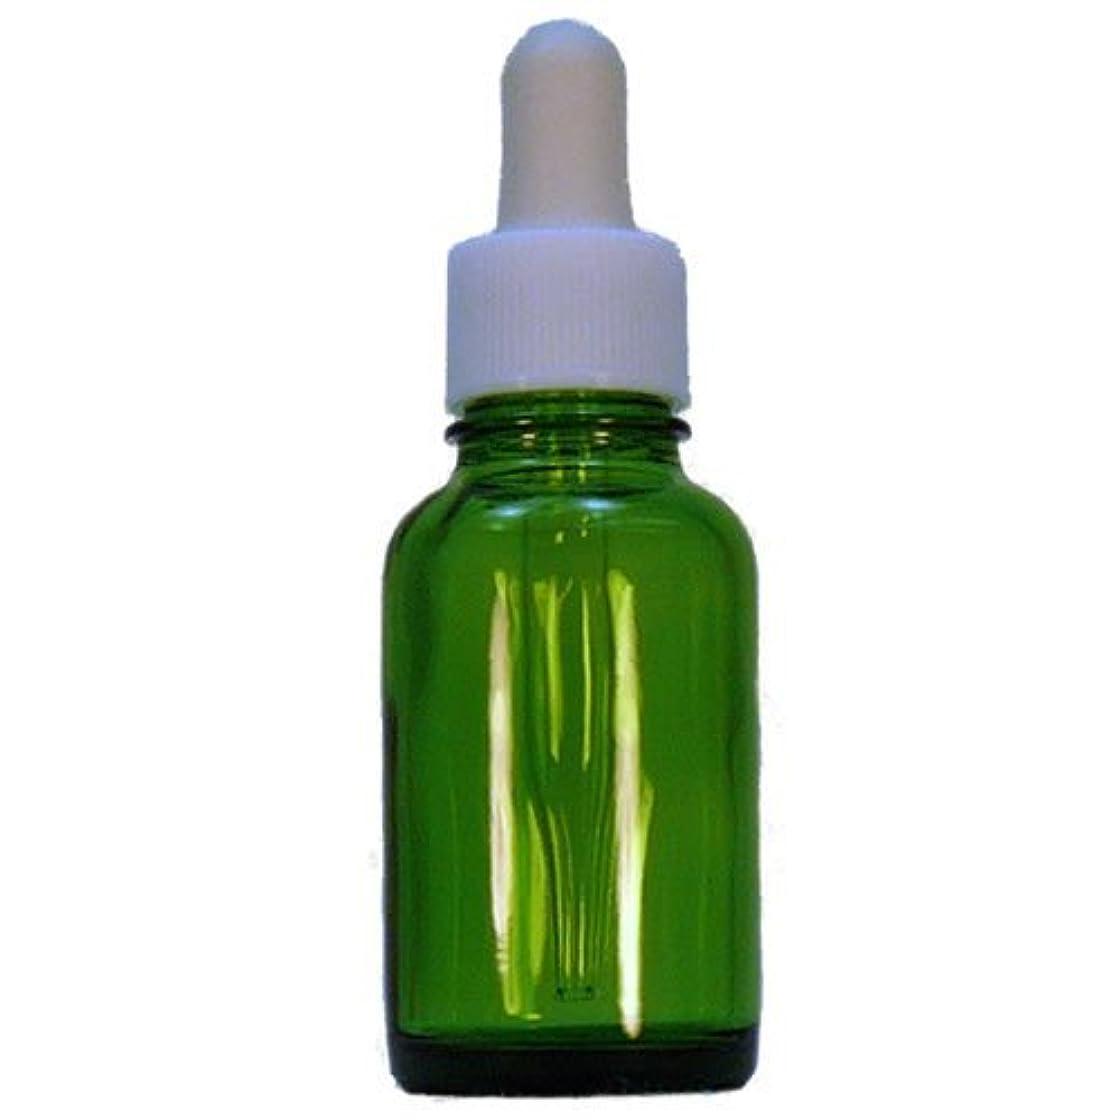 請求書週間ネックレスミキシングボトル グリーン 10ml 24本セット